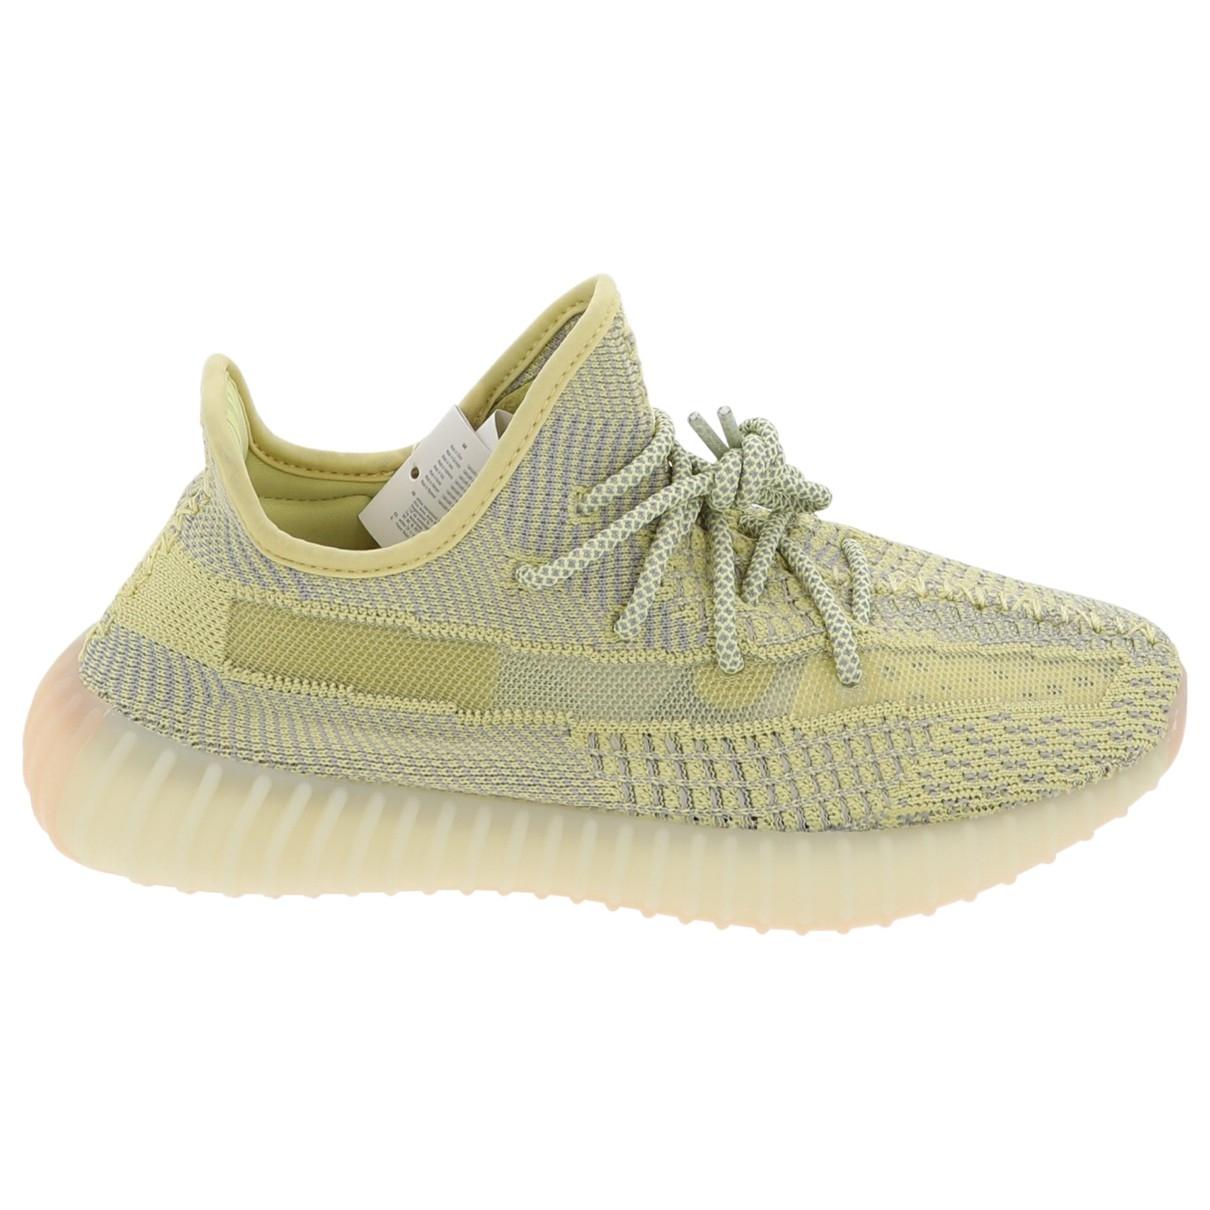 Yeezy X Adidas - Baskets Boost 350 V2 pour femme en toile - jaune